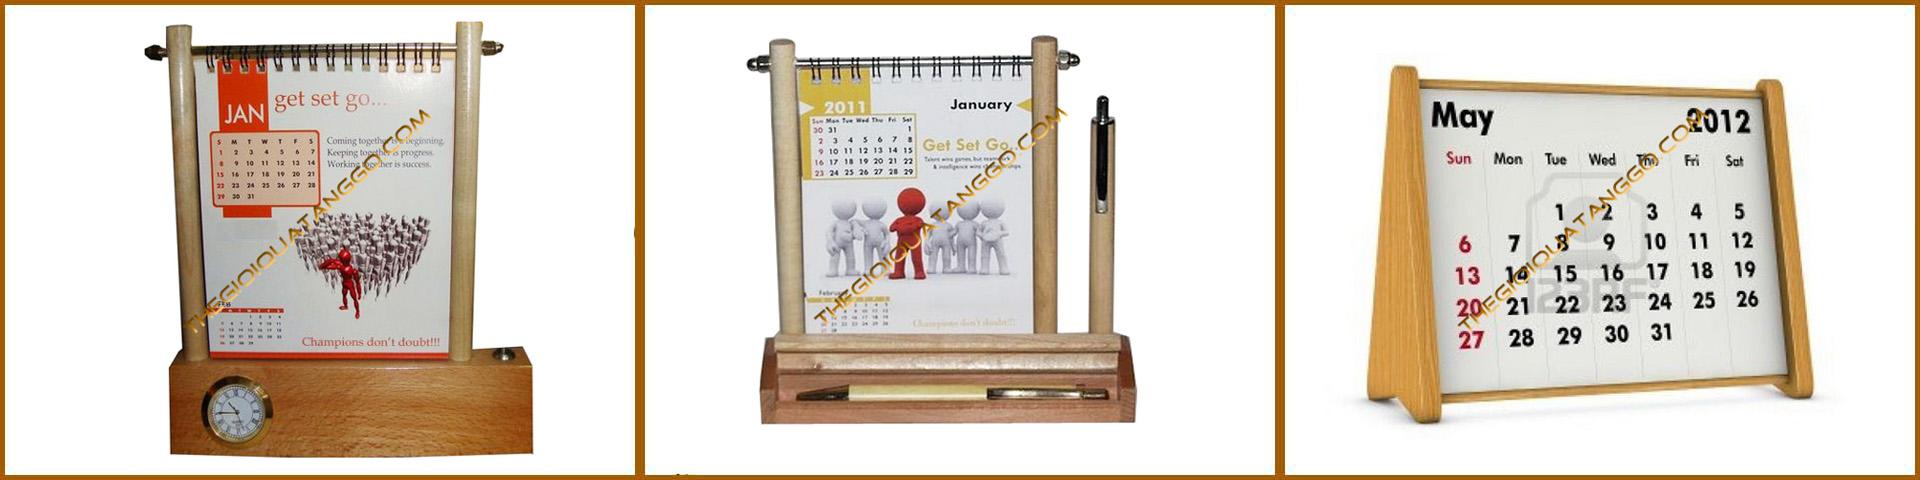 lịch gỗ để bàn trang trí 6